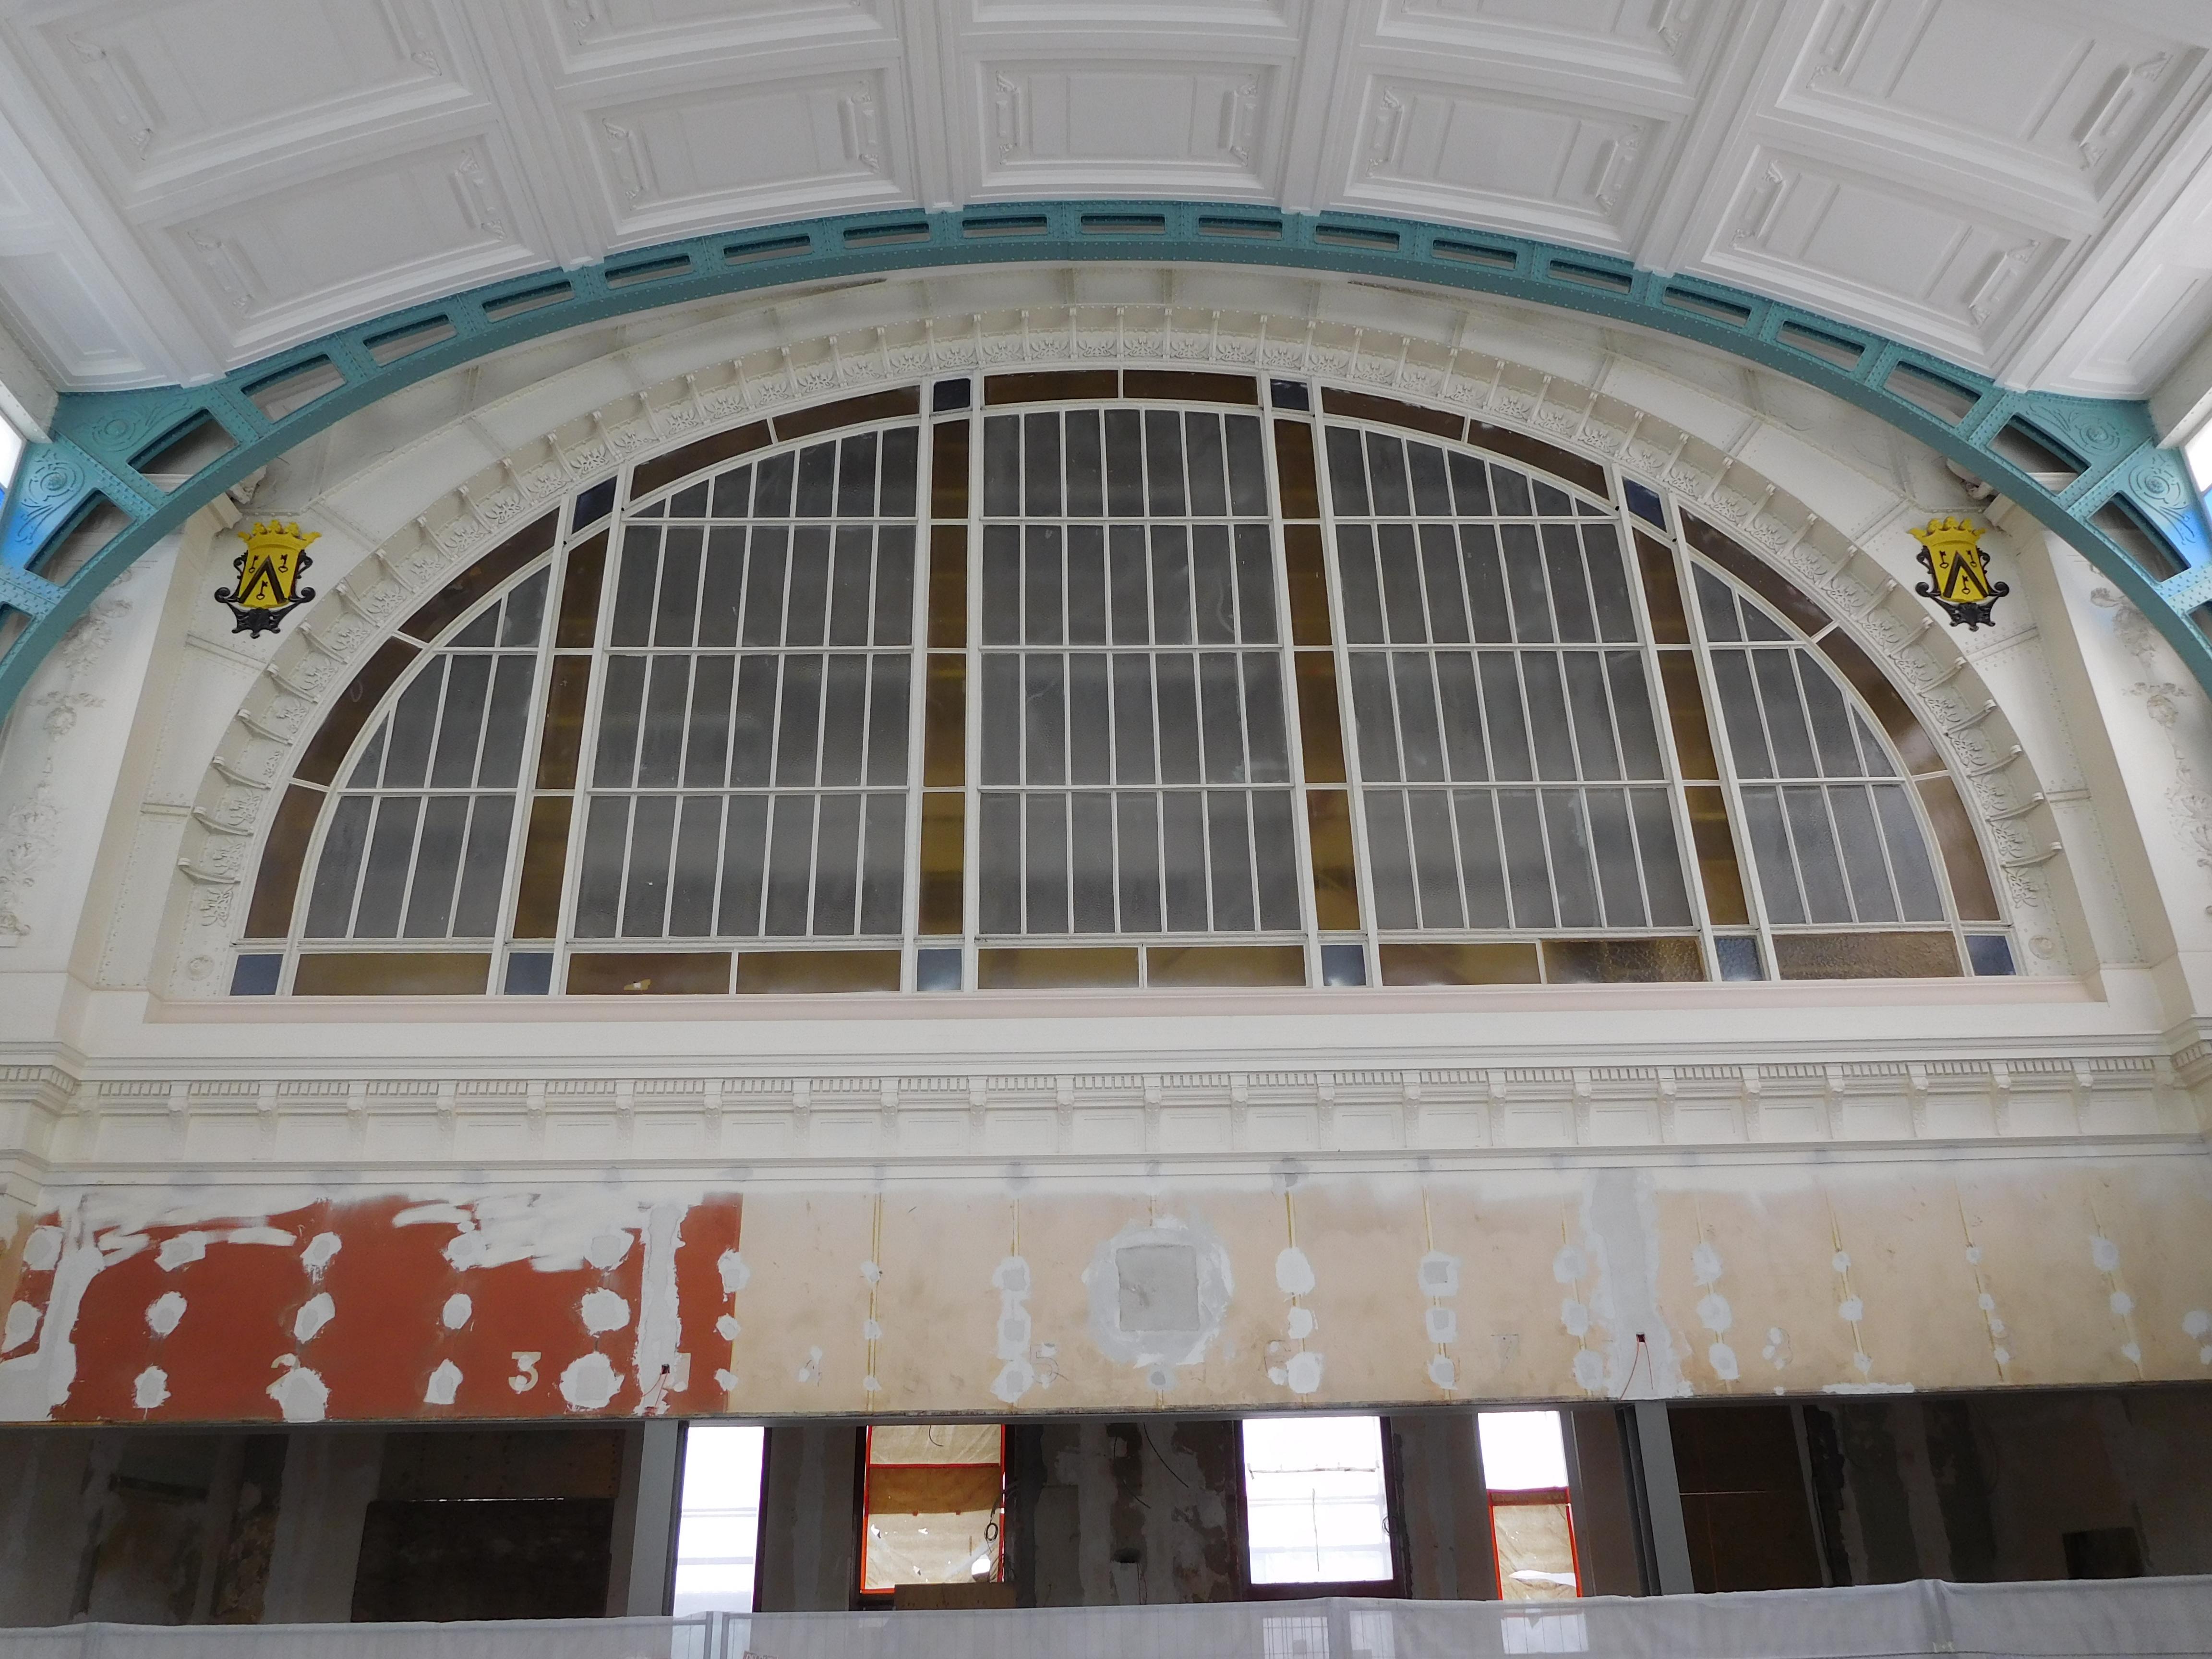 Verriere Ostende Hall Rénovation.jpg Français : Verrière de la salle des pas perdus de la gare d'Ostende-Quai durant sa rénovation Date 13 April 2017